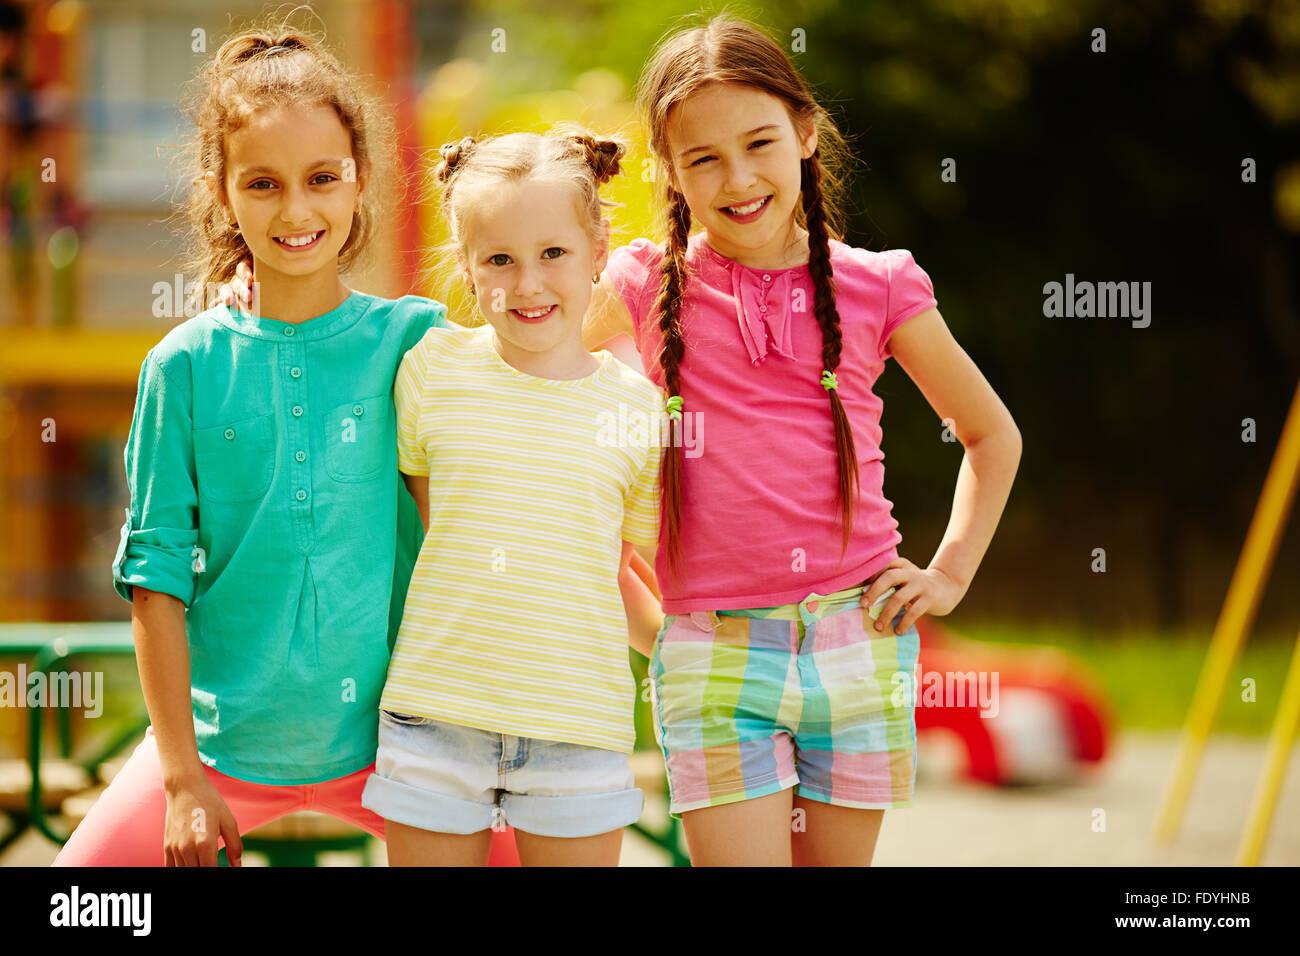 Adorabili ragazze guardando la telecamera con un sorriso all'aperto Immagini Stock